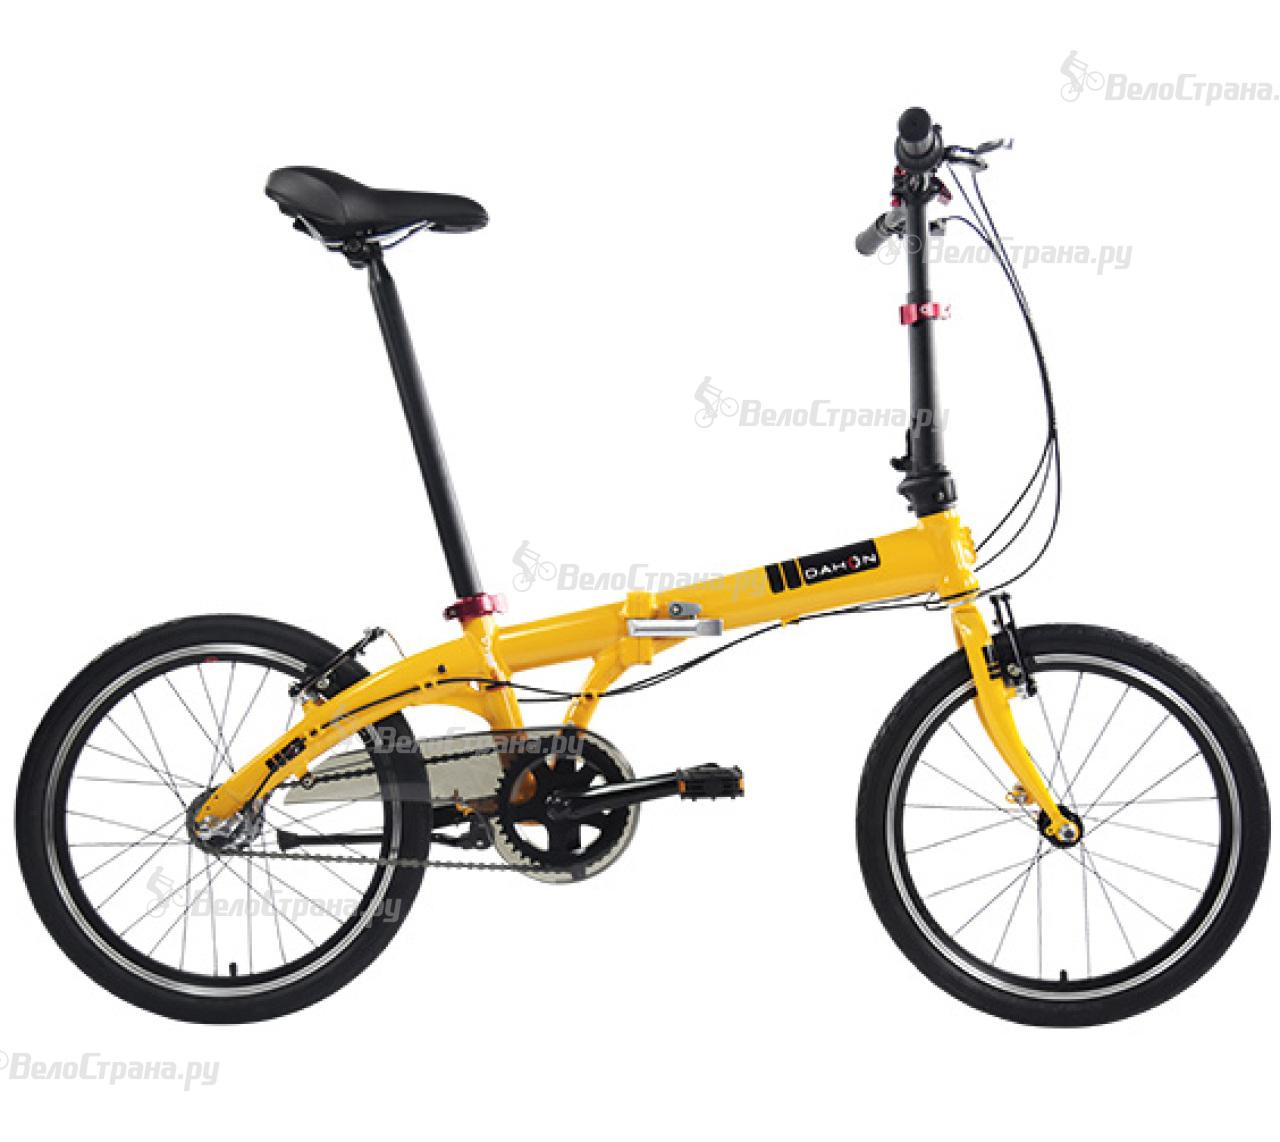 Велосипед Dahon Vybe i3 (2017)